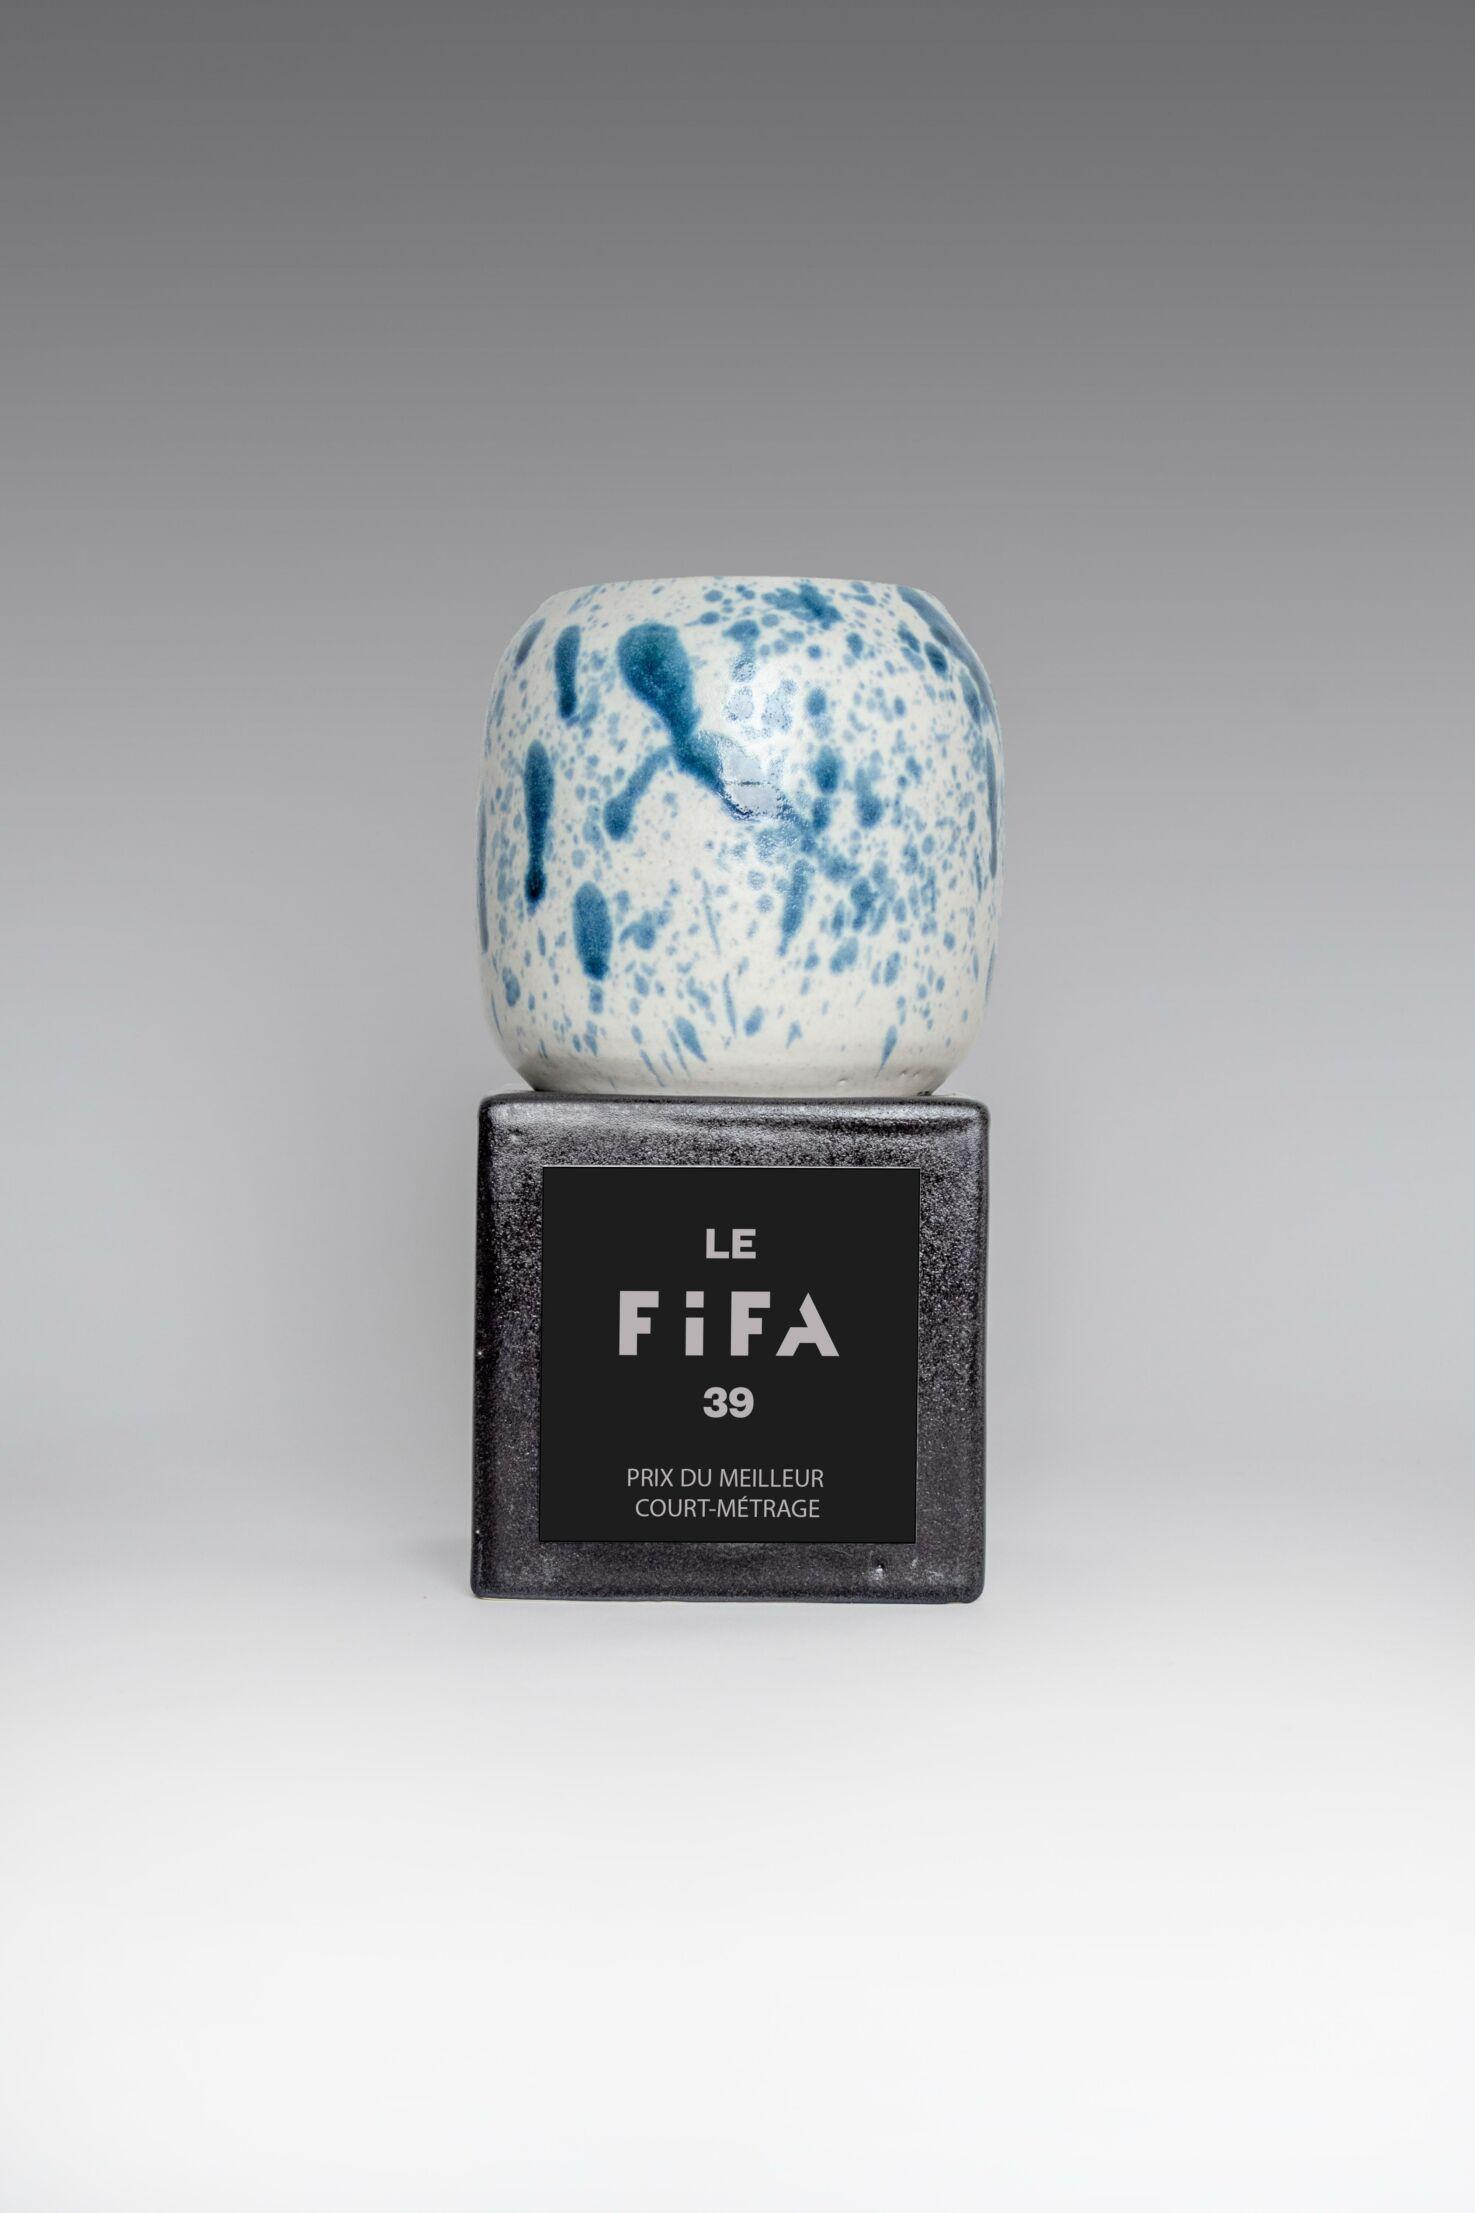 FIFA 39 trophée